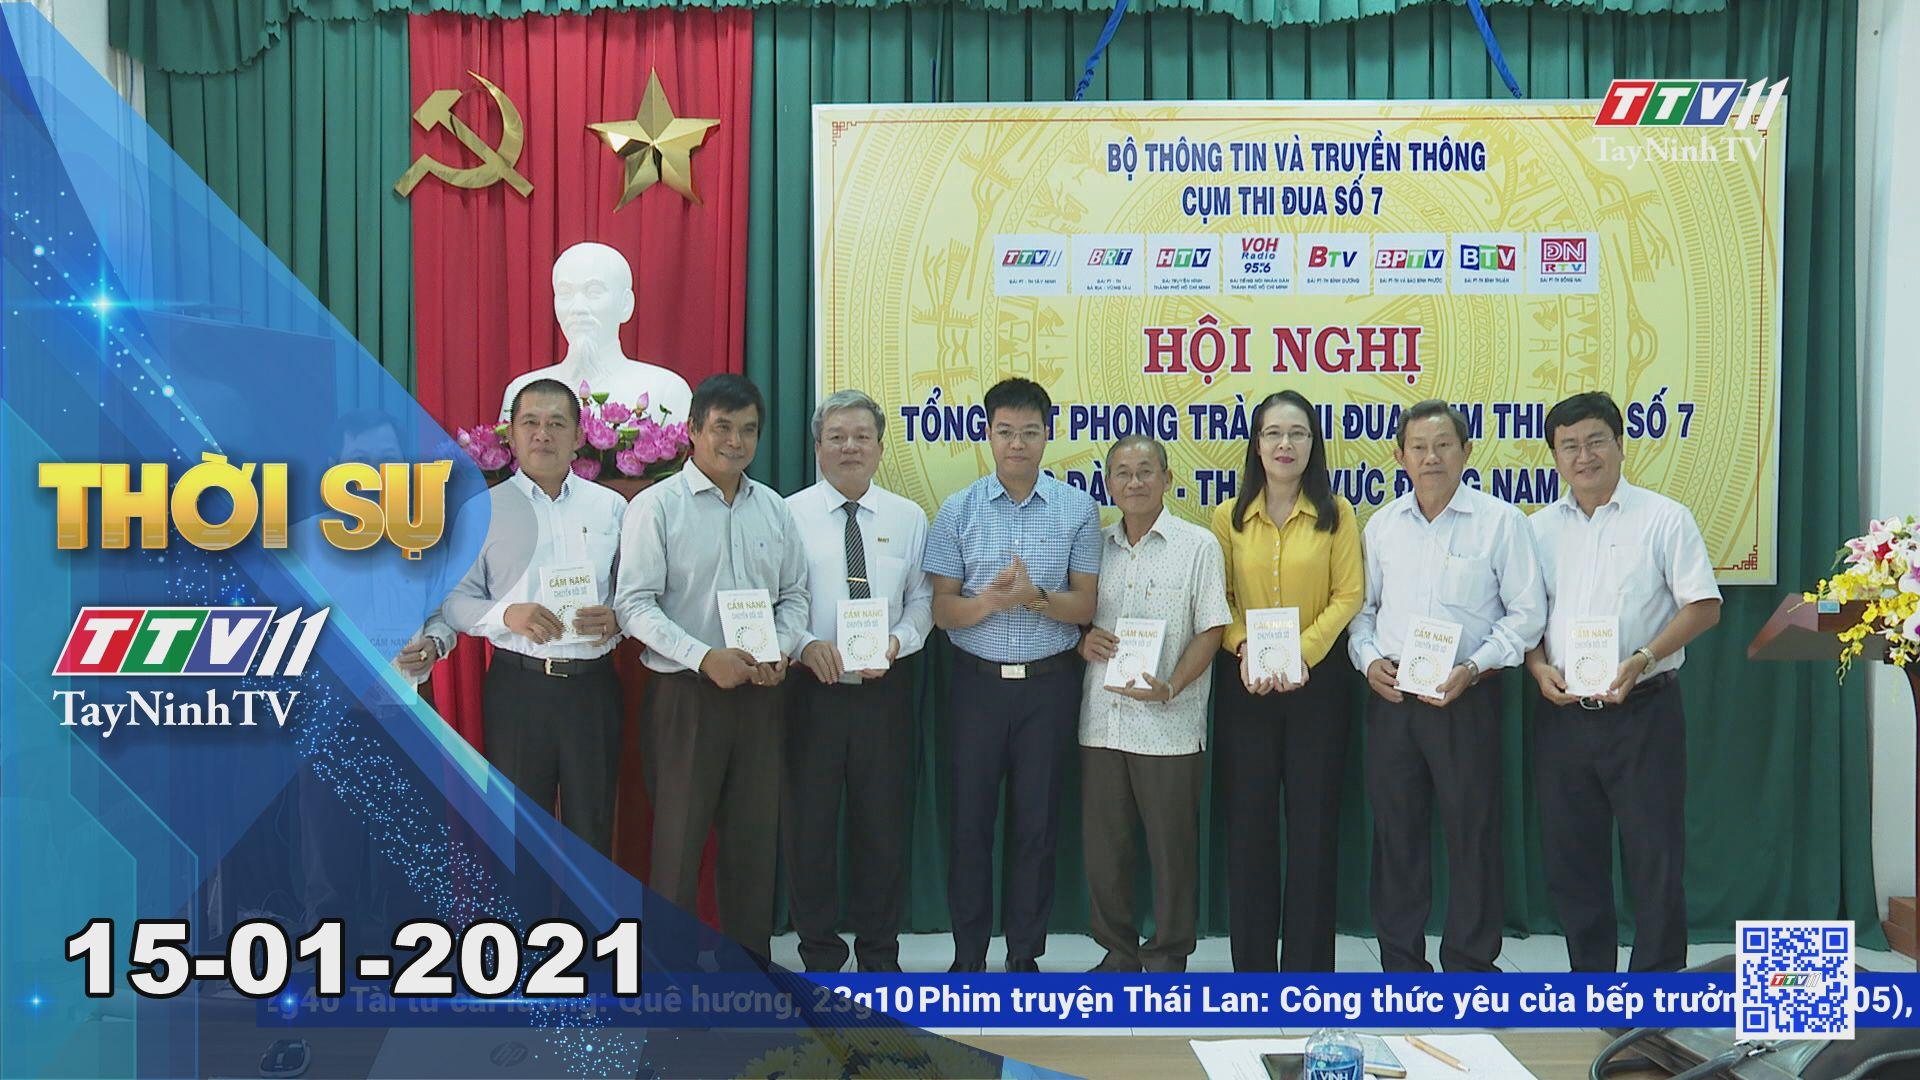 Thời sự Tây Ninh 15-01-2021 | Tin tức hôm nay | TayNinhTV